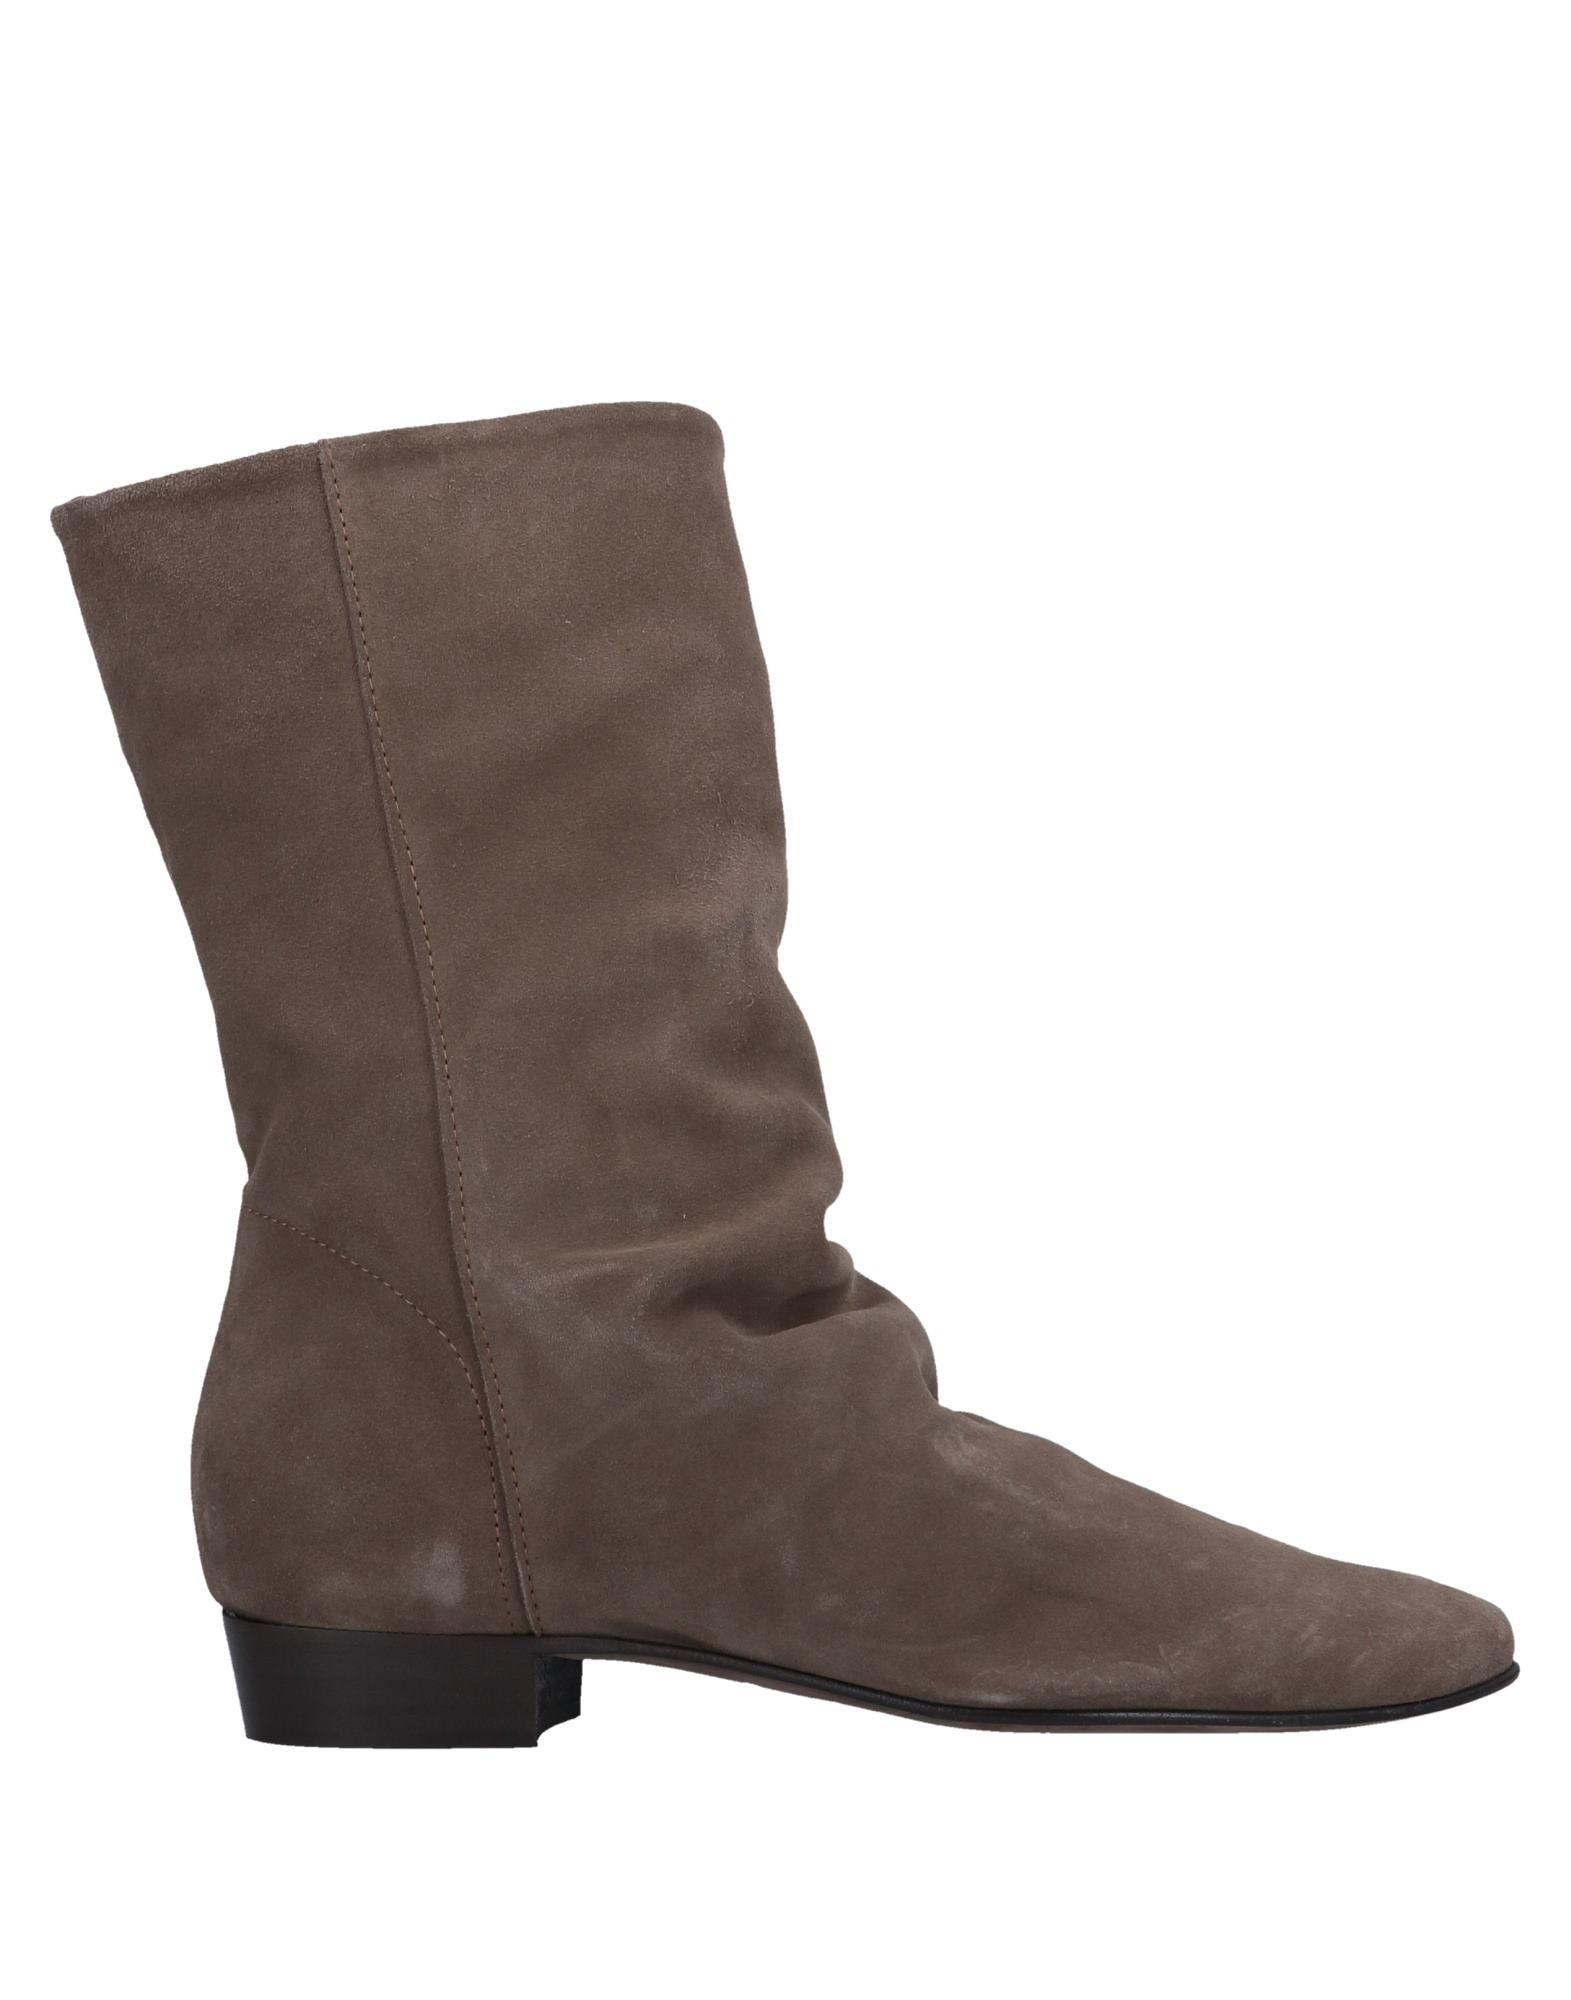 YIJIE Полусапоги и высокие ботинки collector yijie сандалии